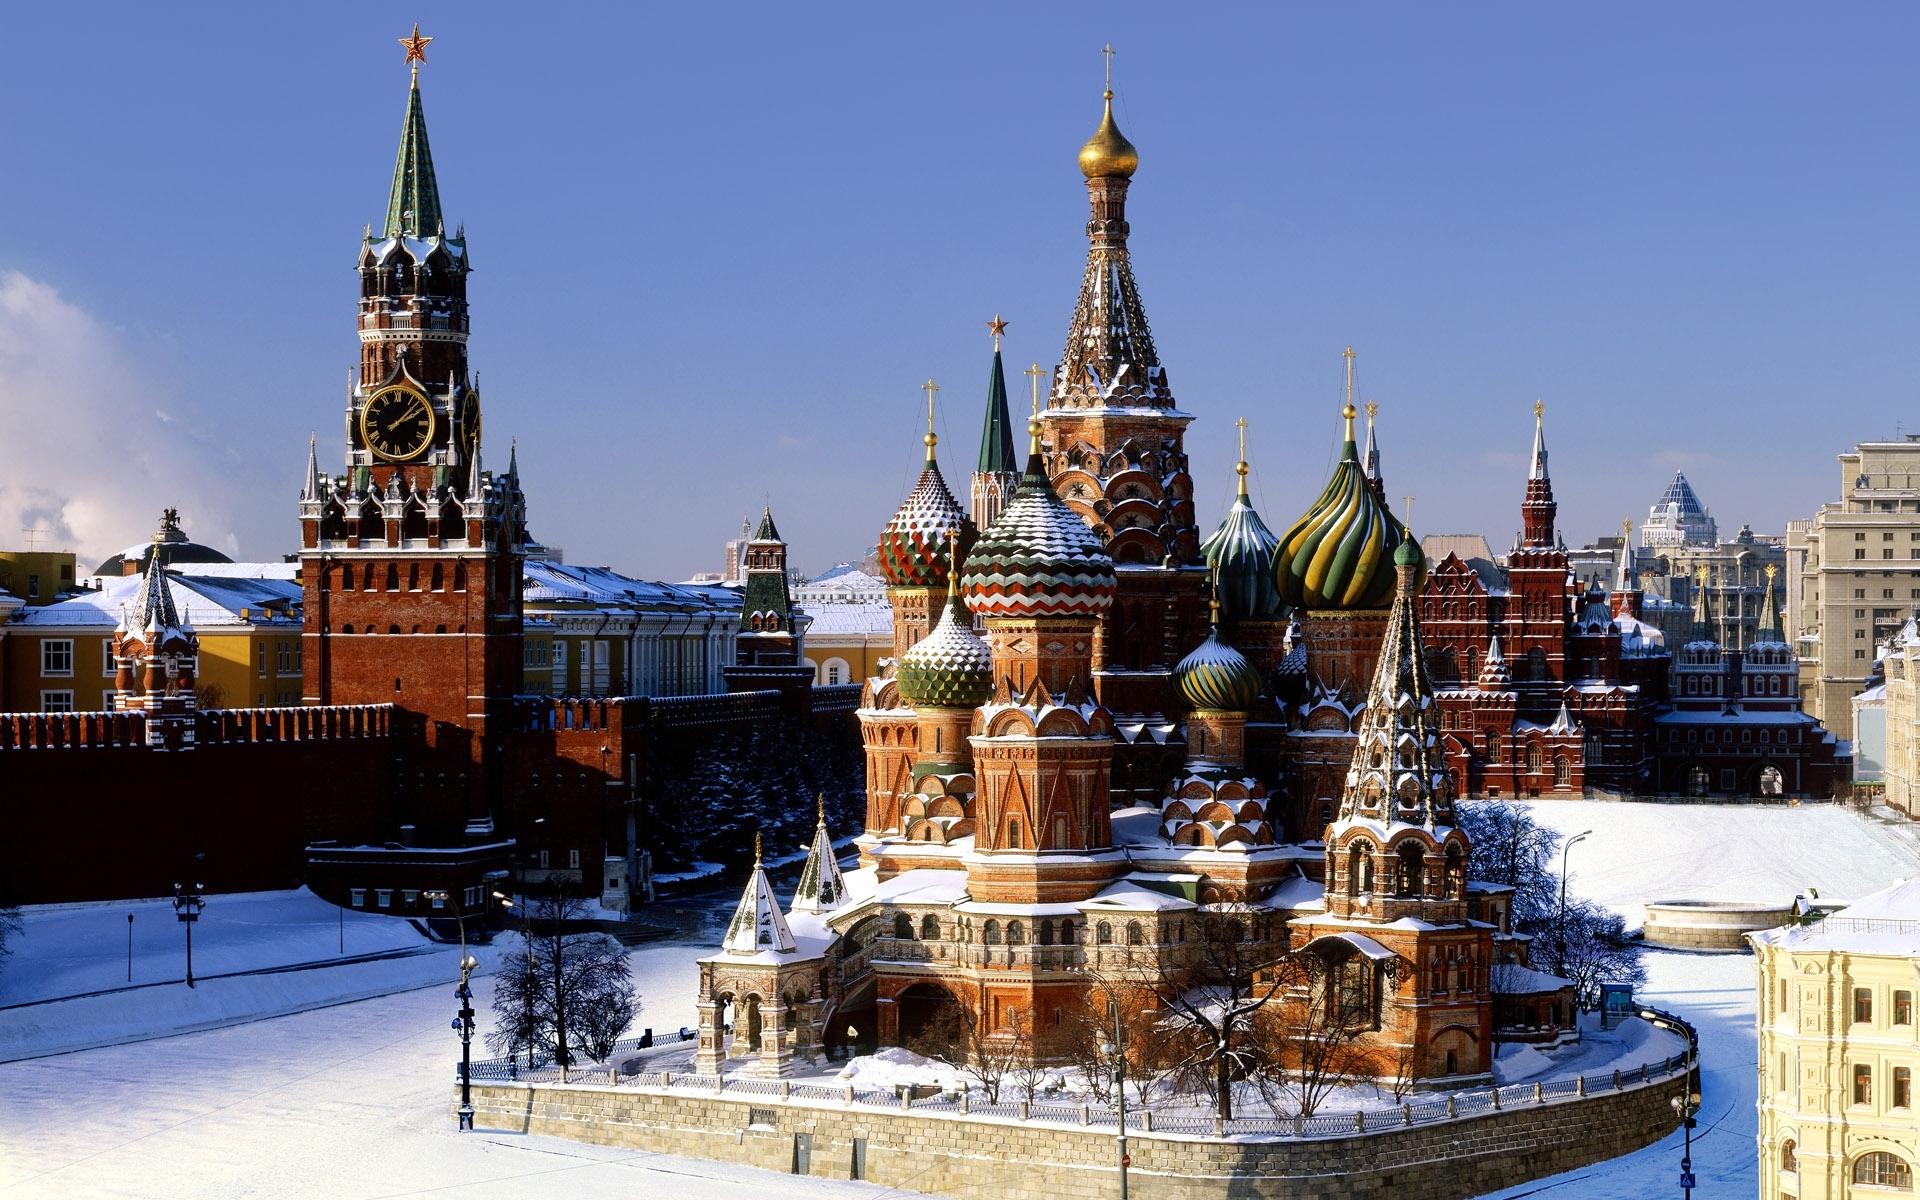 8209 Заставки и Обои Пейзаж на телефон. Скачать Пейзаж, Кремль, Москва, Города картинки бесплатно